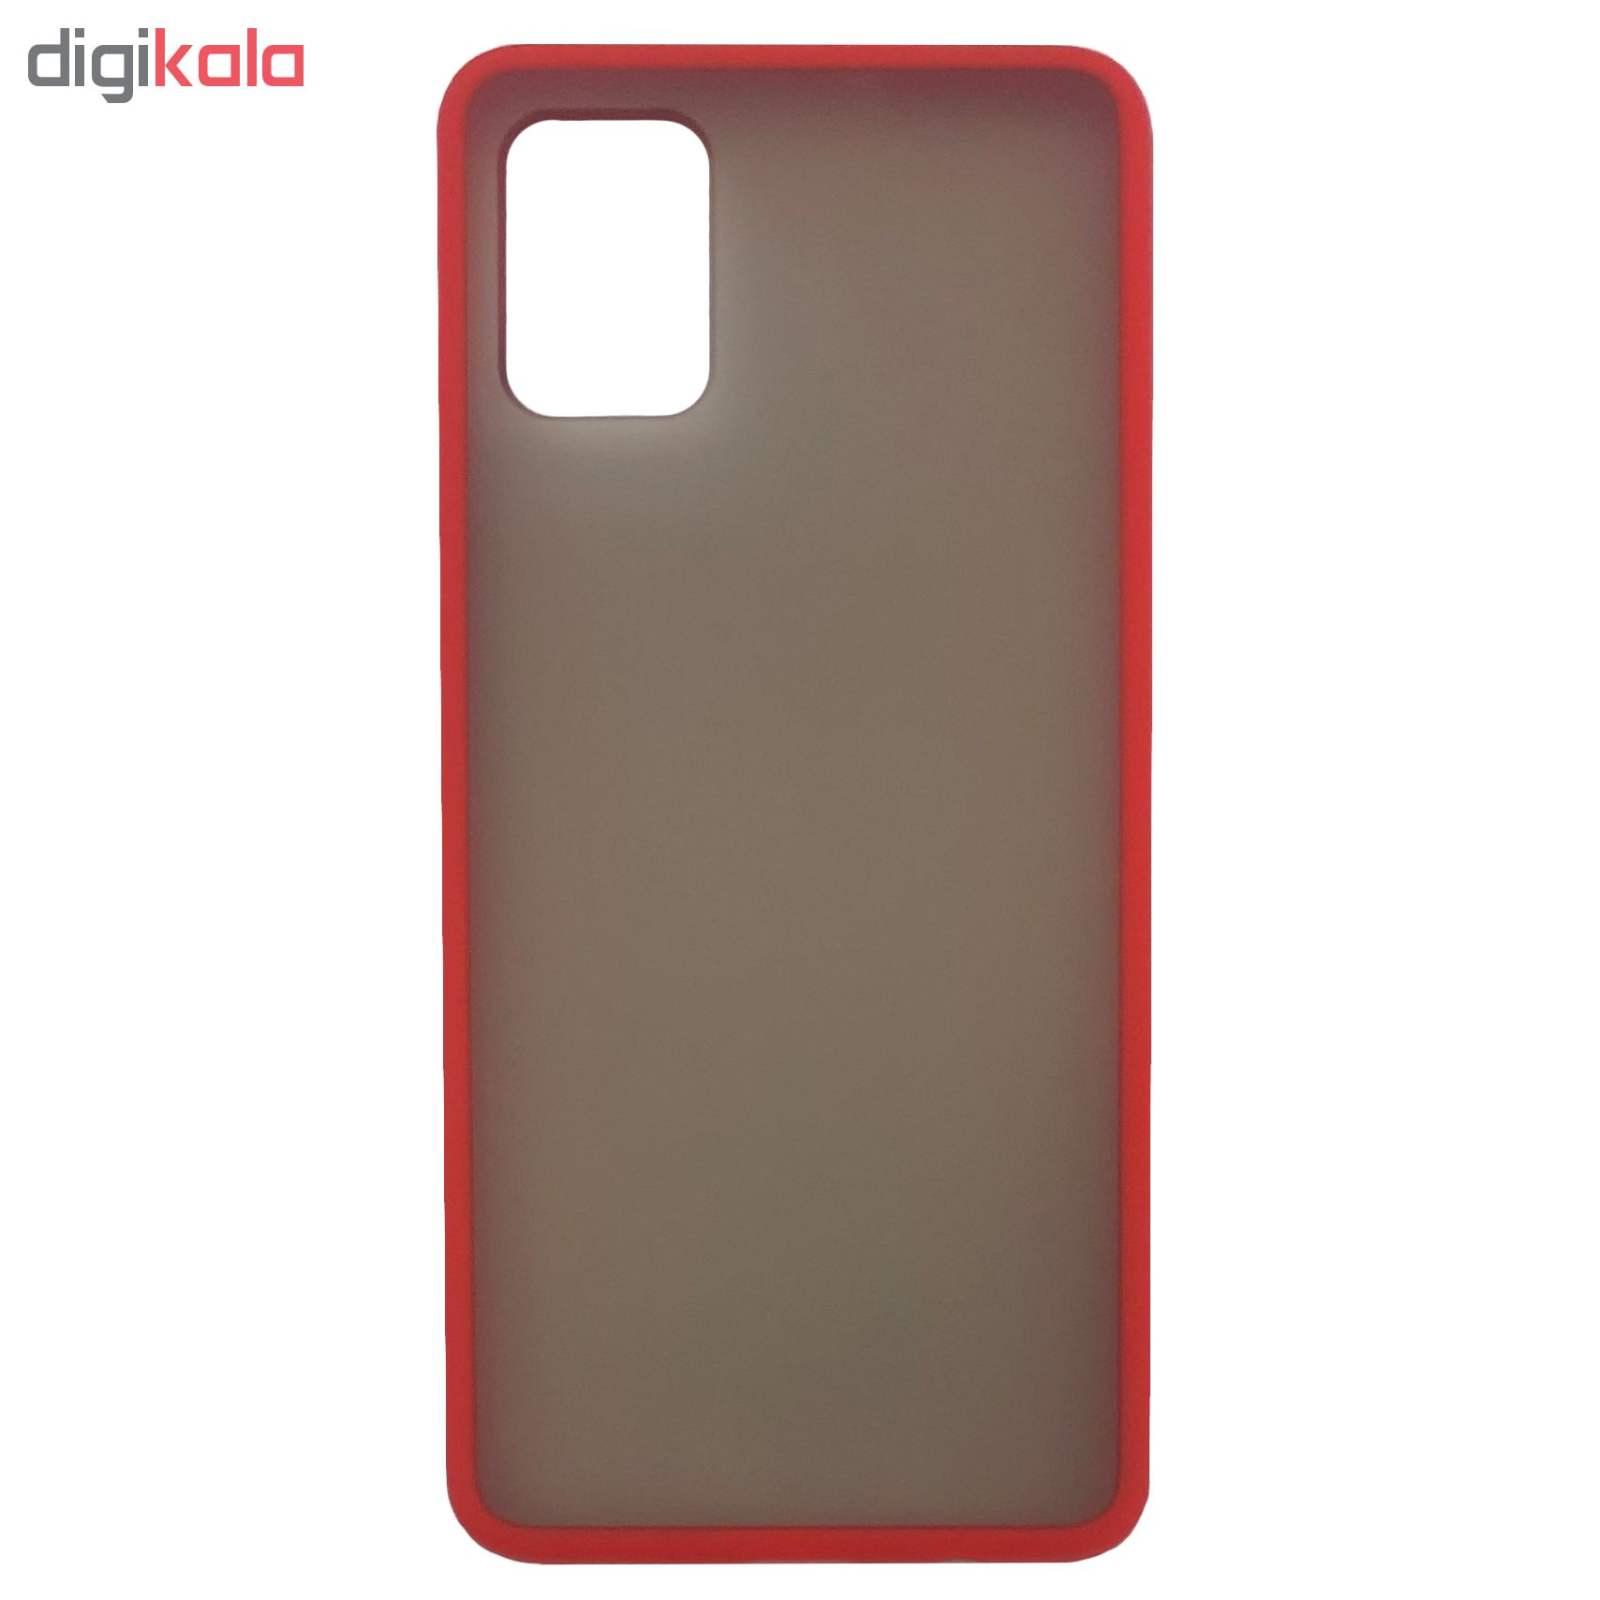 کاور مدل ME-001 مناسب برای گوشی موبایل سامسونگ Galaxy A51 main 1 1